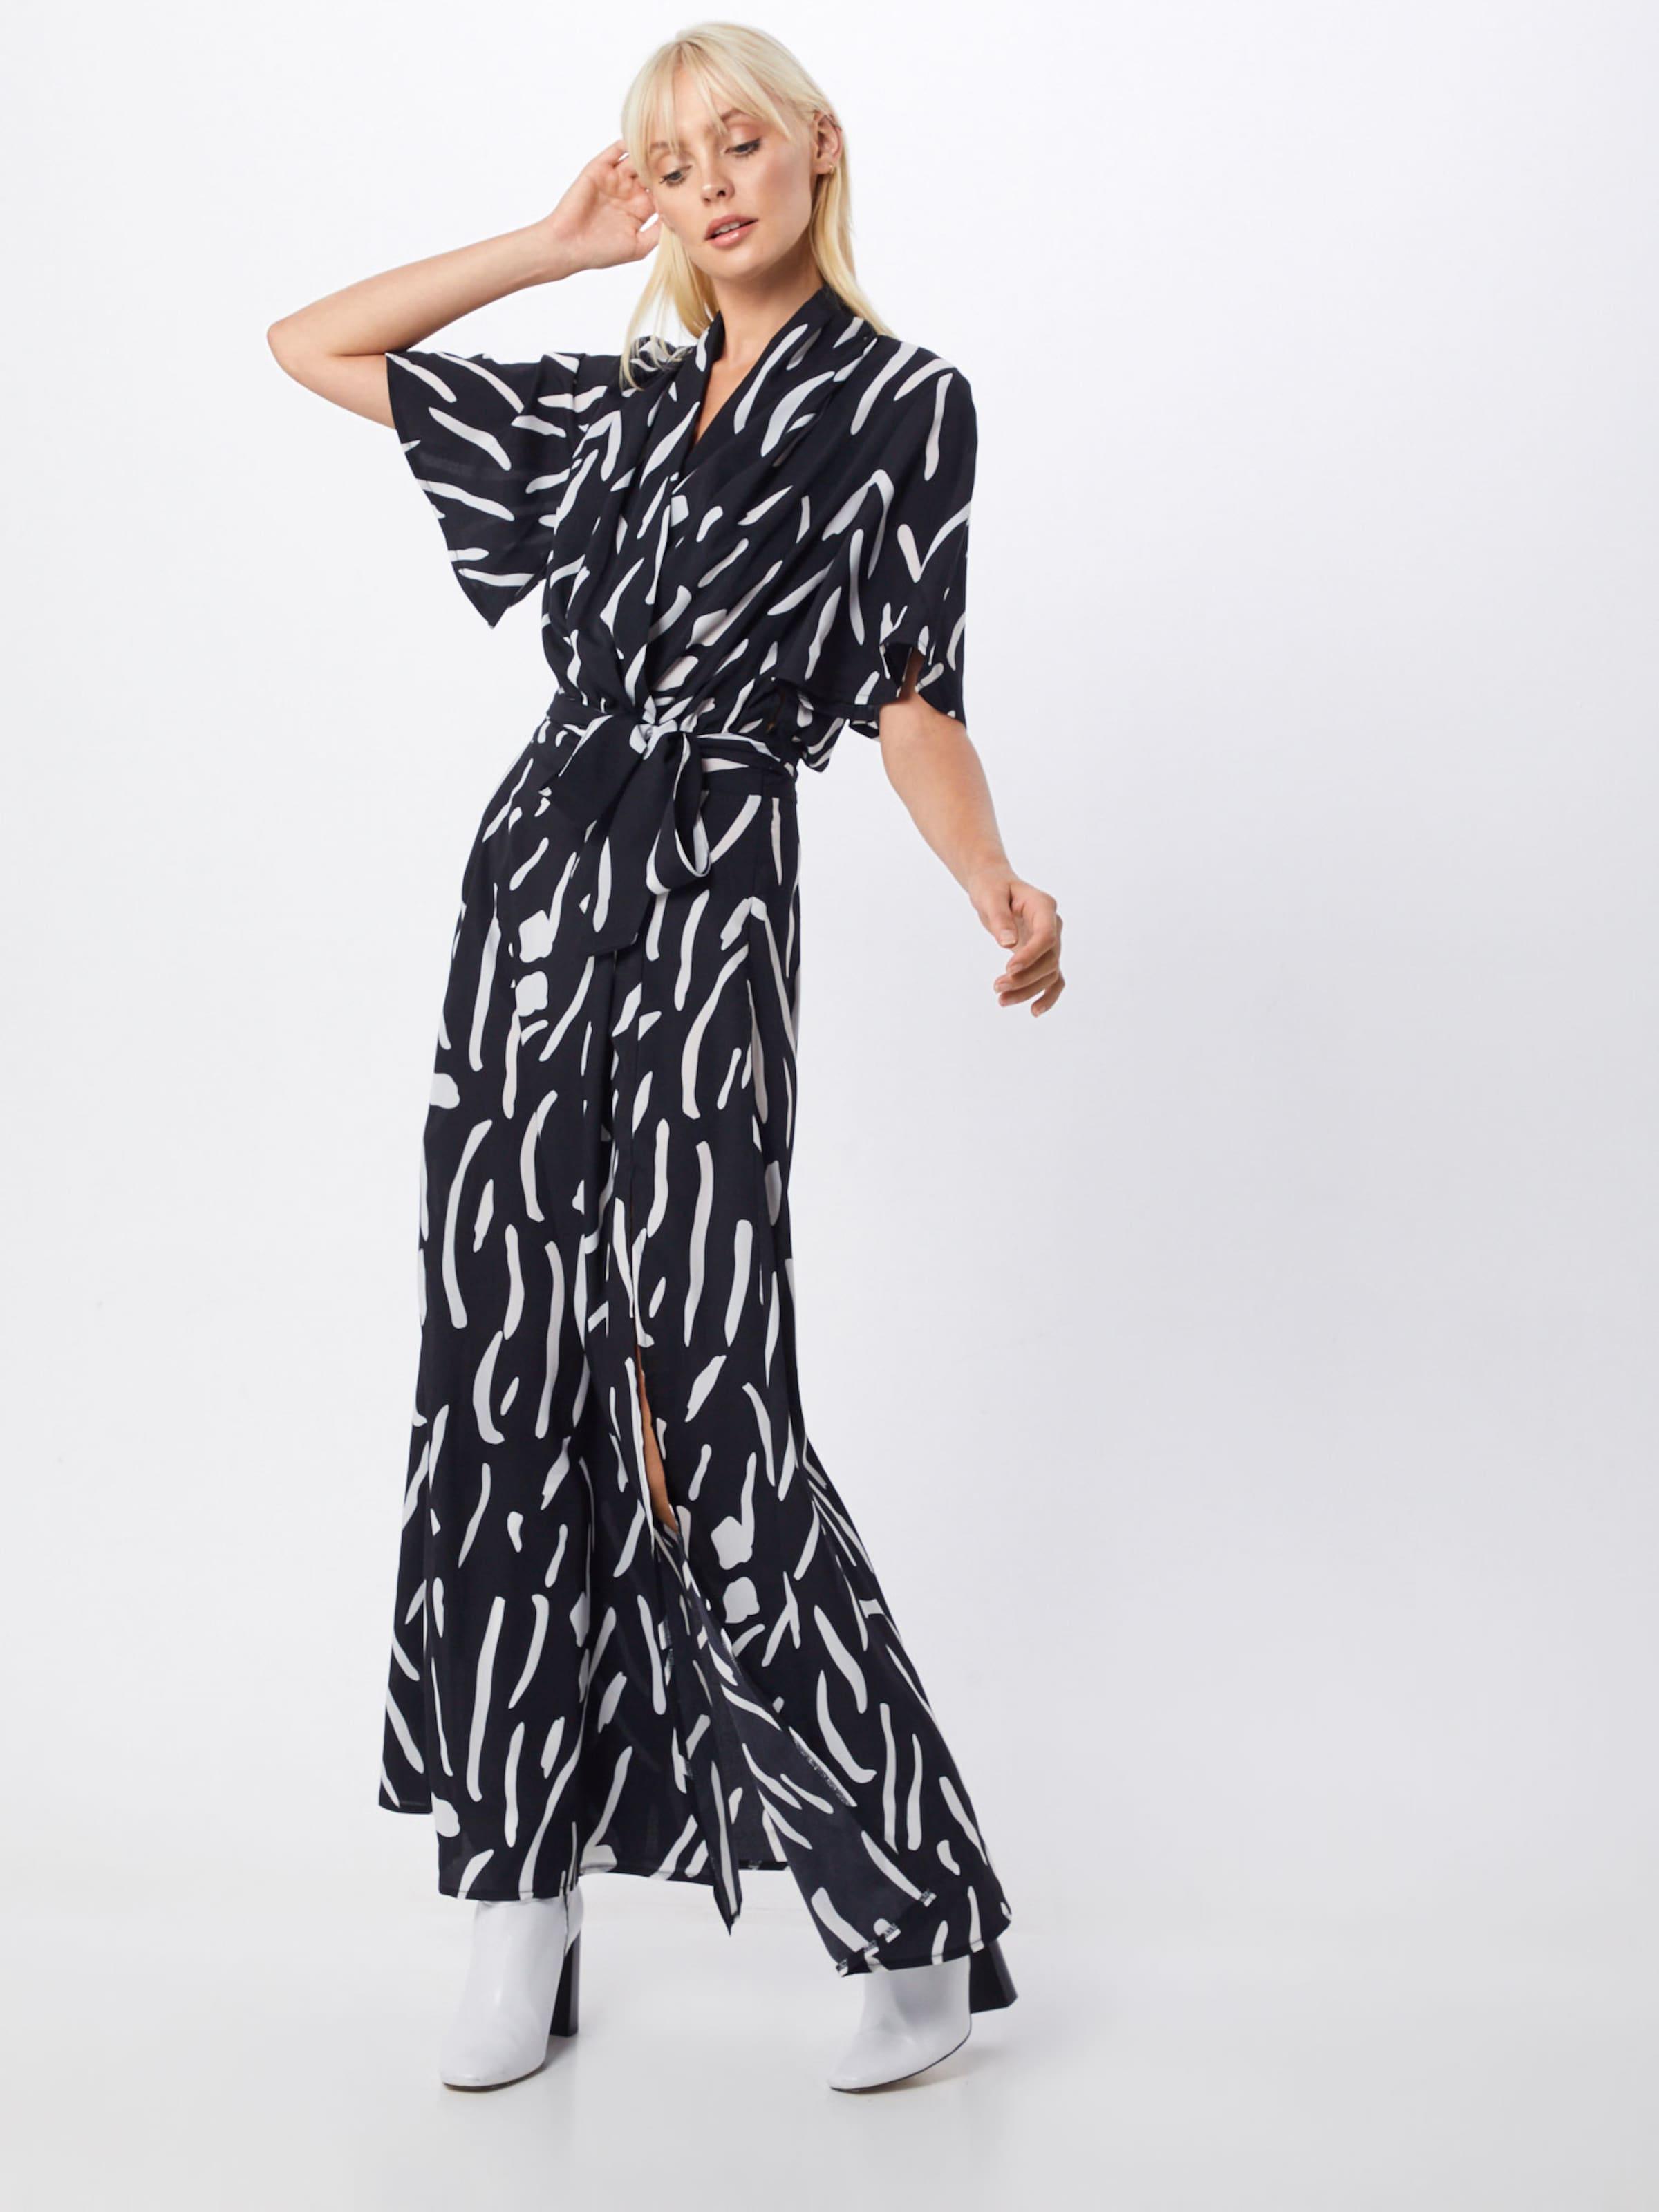 Parallel Kleid In Schwarz Parallel Lines Kleid Schwarz Kleid Lines Lines In Parallel E2IWHD9ebY